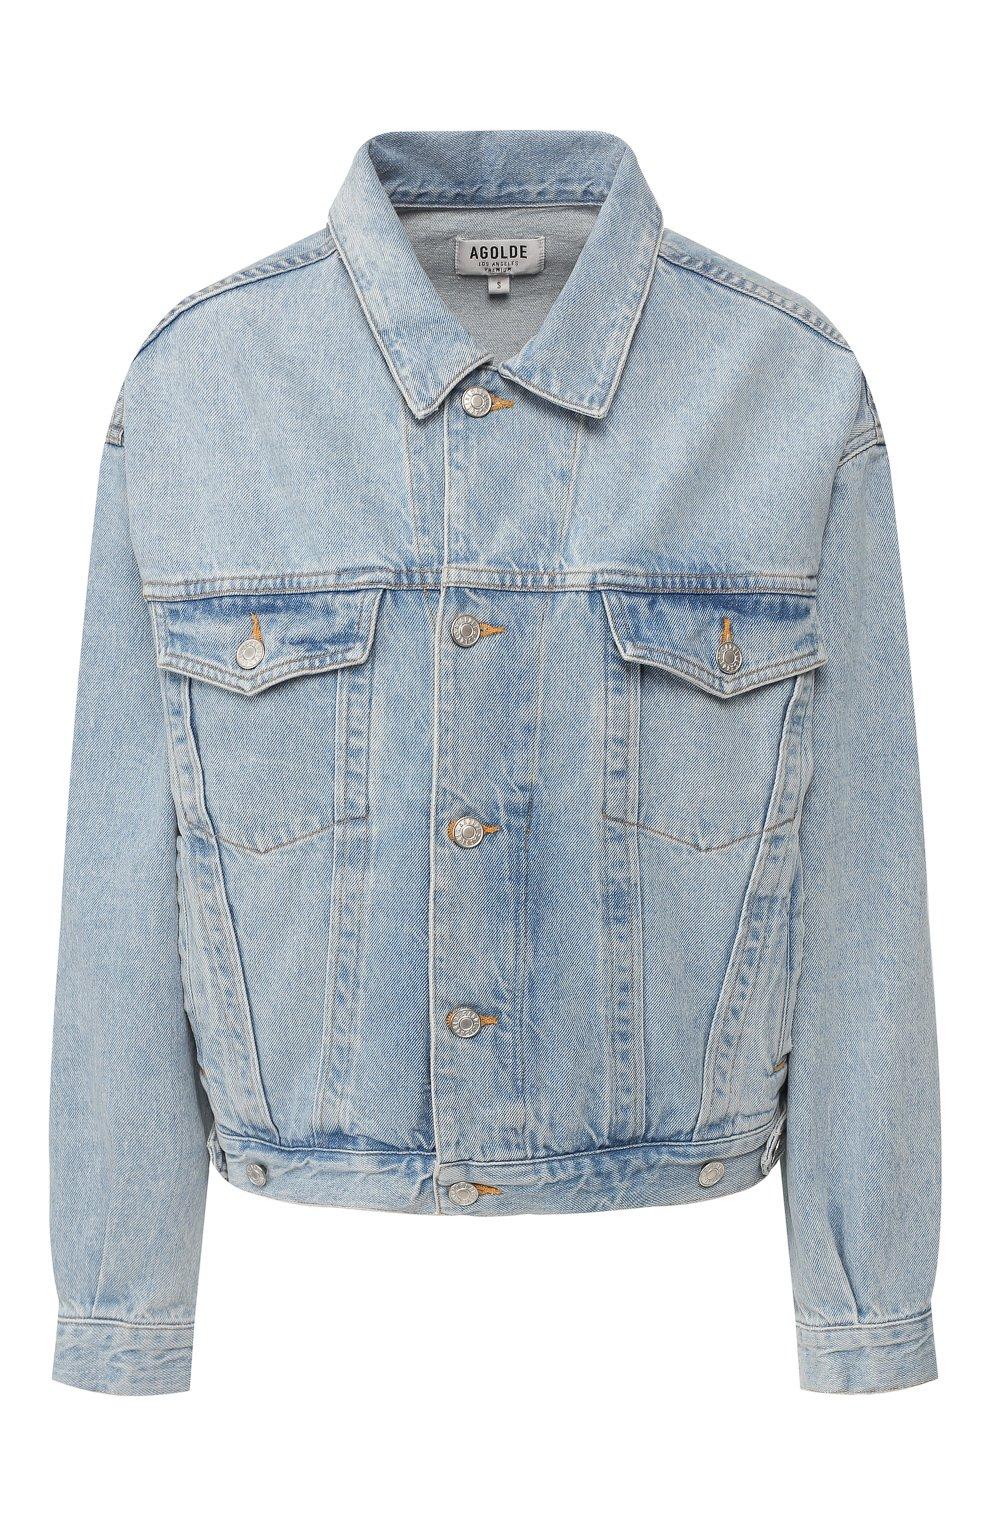 Женская джинсовая куртка AGOLDE голубого цвета, арт. A5010-778   Фото 1 (Кросс-КТ: Куртка, Деним; Рукава: Длинные; Материал внешний: Хлопок, Деним; Длина (верхняя одежда): Короткие; Стили: Кэжуэл; Статус проверки: Проверена категория)